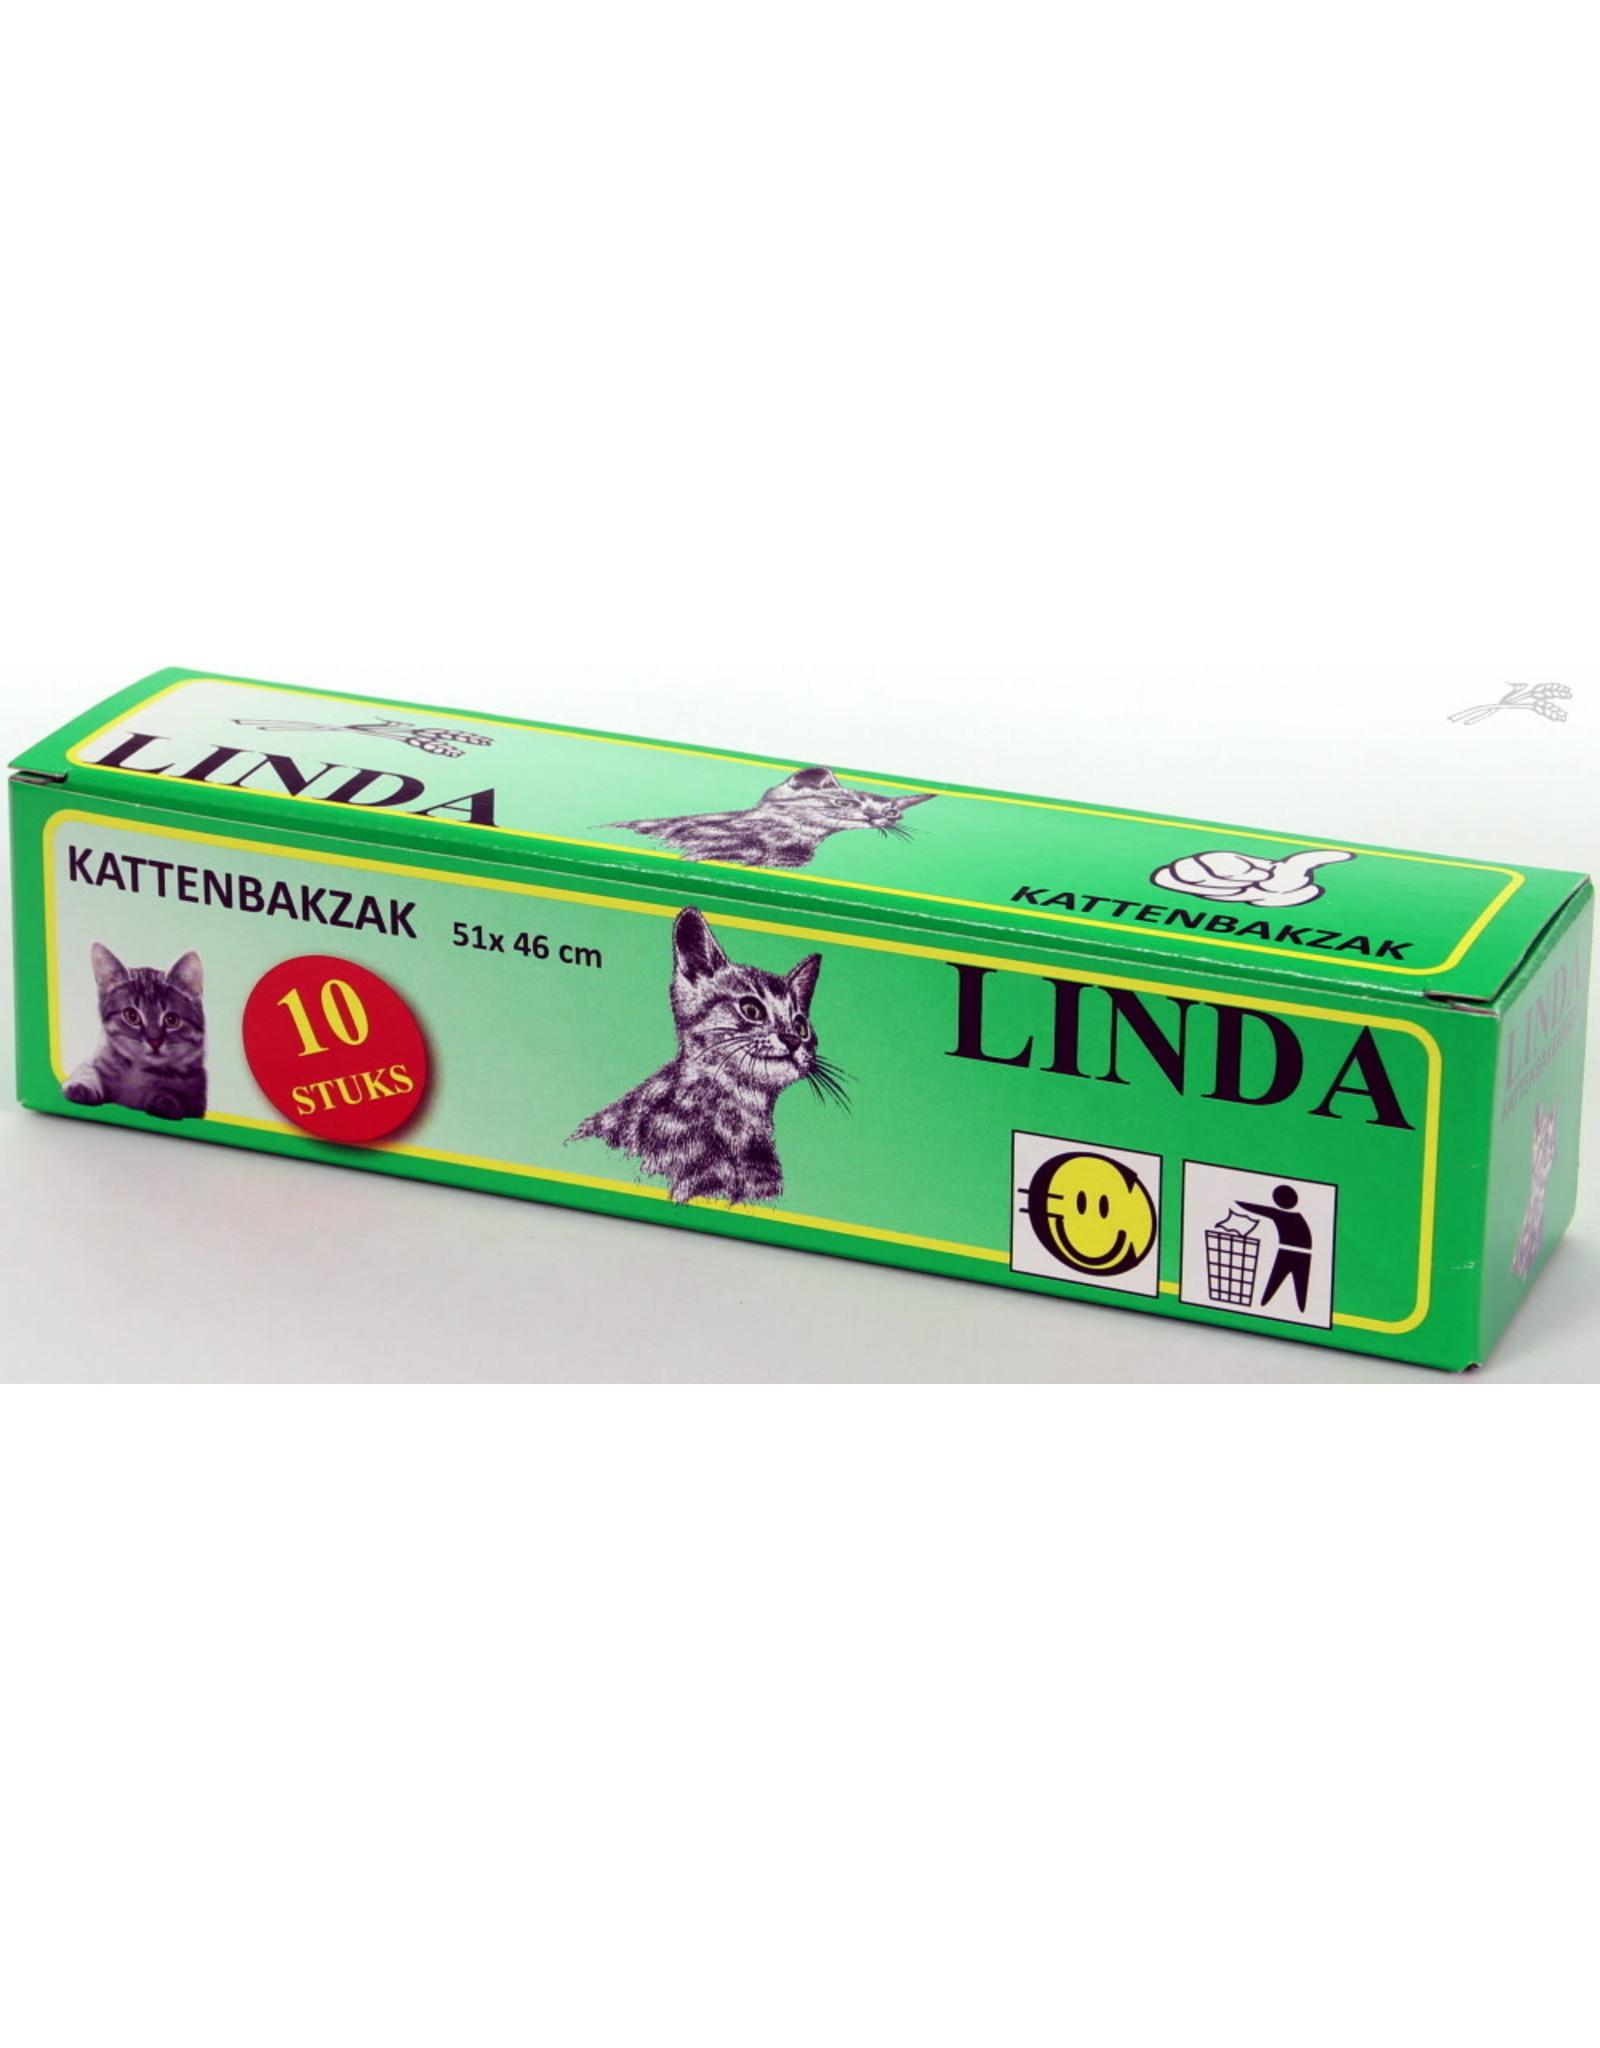 Linda Linda Kattenbakzak 51x46 cm (10st.)